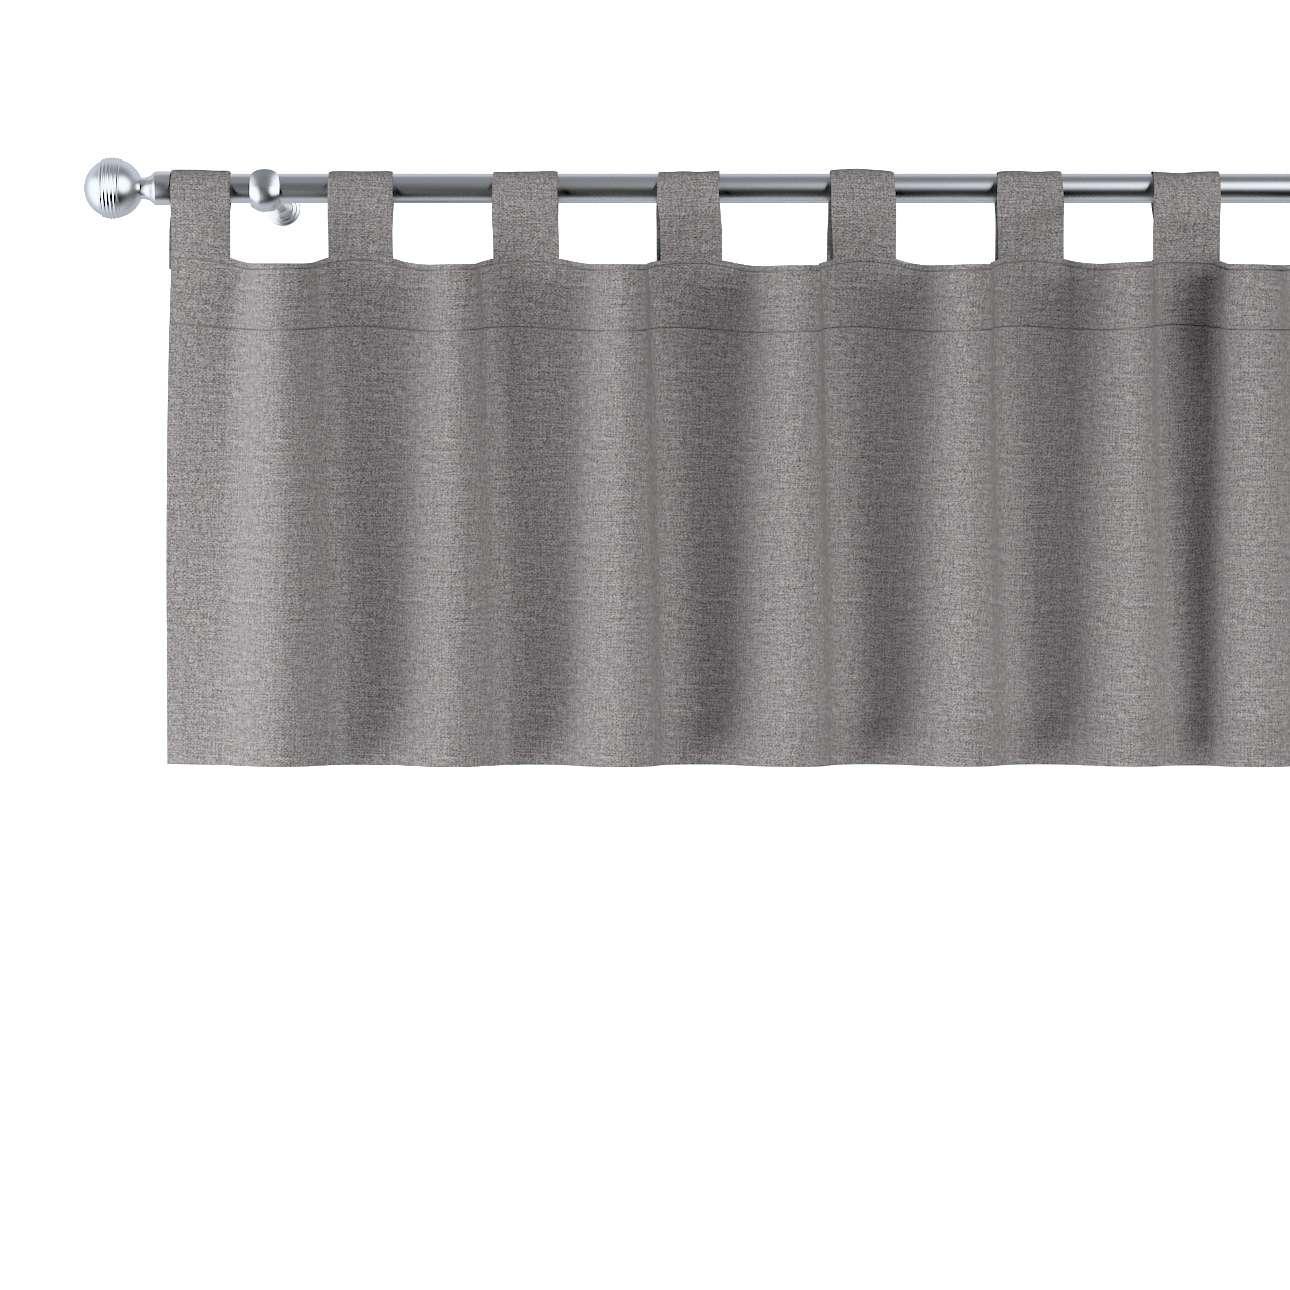 Gardinkappa med hällor i kollektionen Edinburgh, Tyg: 115-81